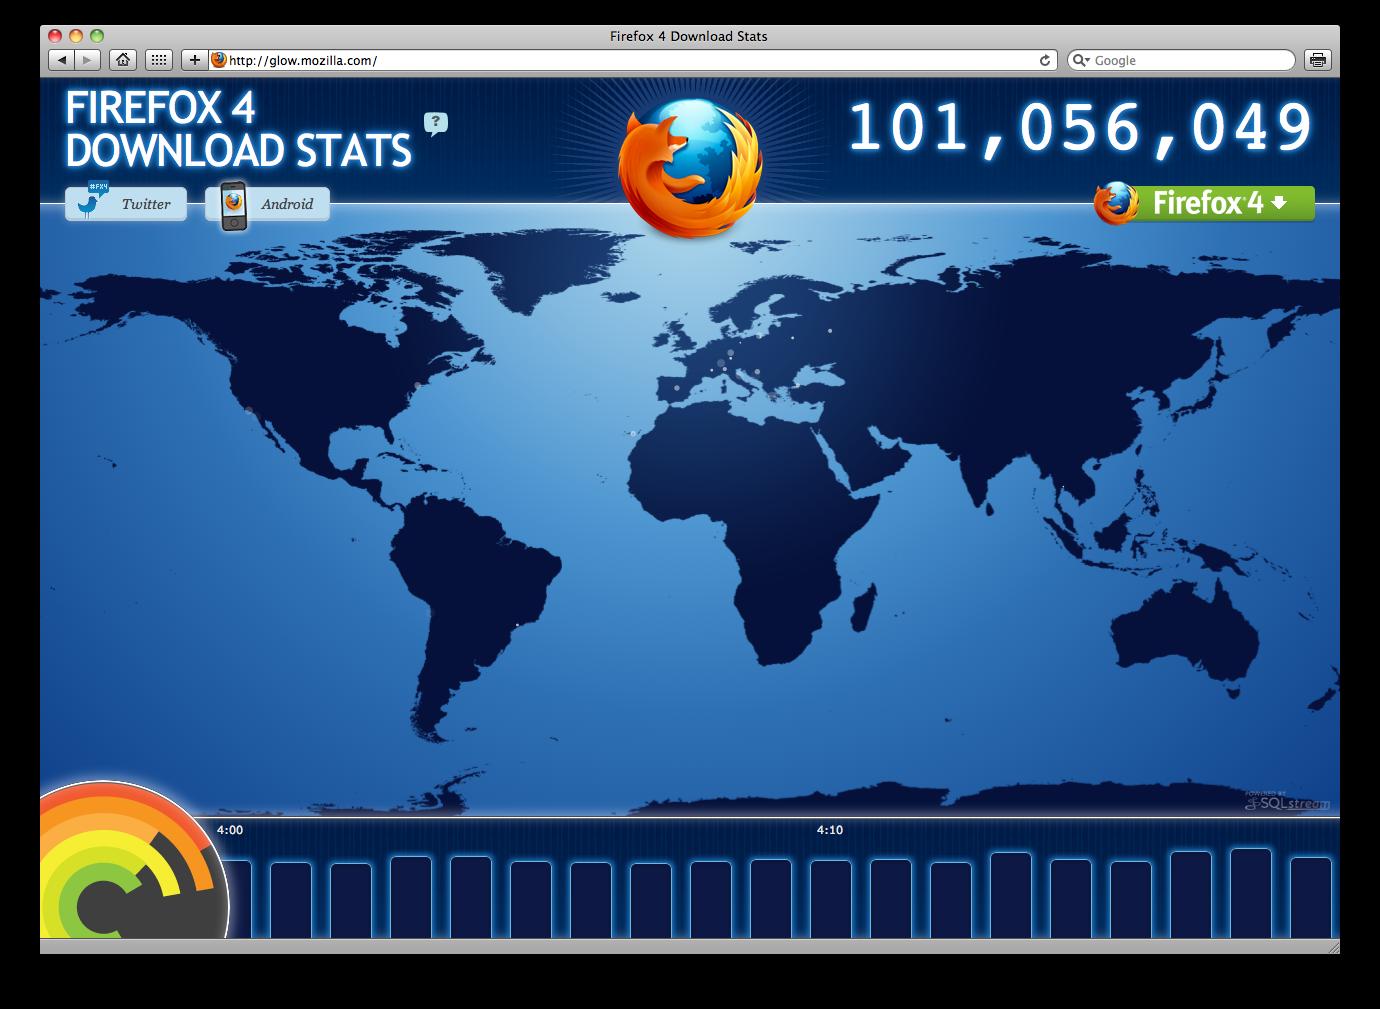 100 milhões do Firefox 4